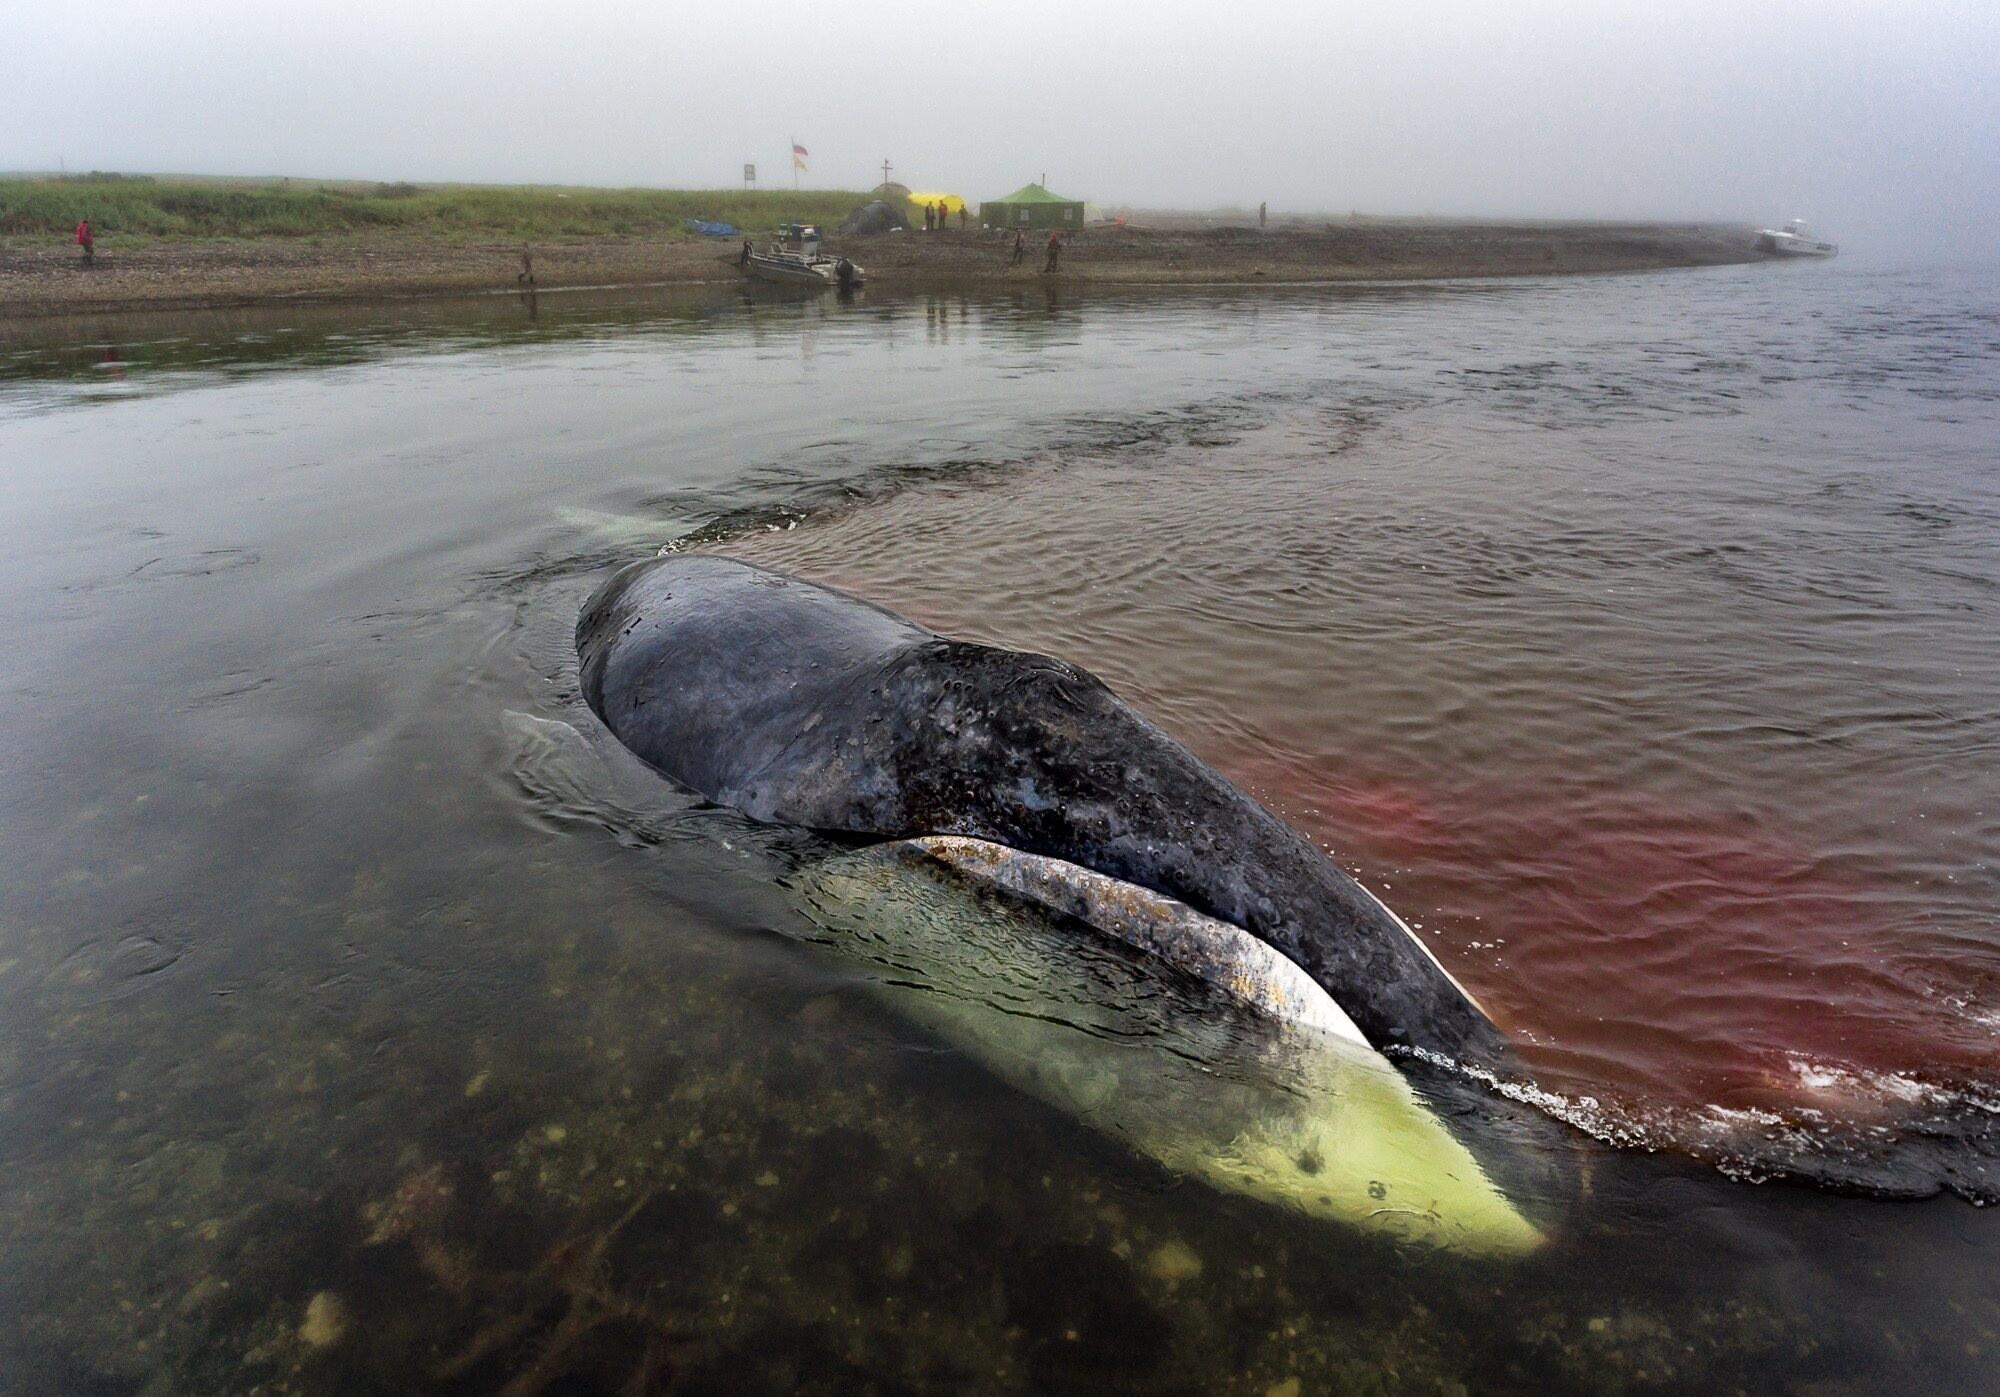 Хроника событий застрявшего в устье реки на Дальнем Востоке Гренладского кита